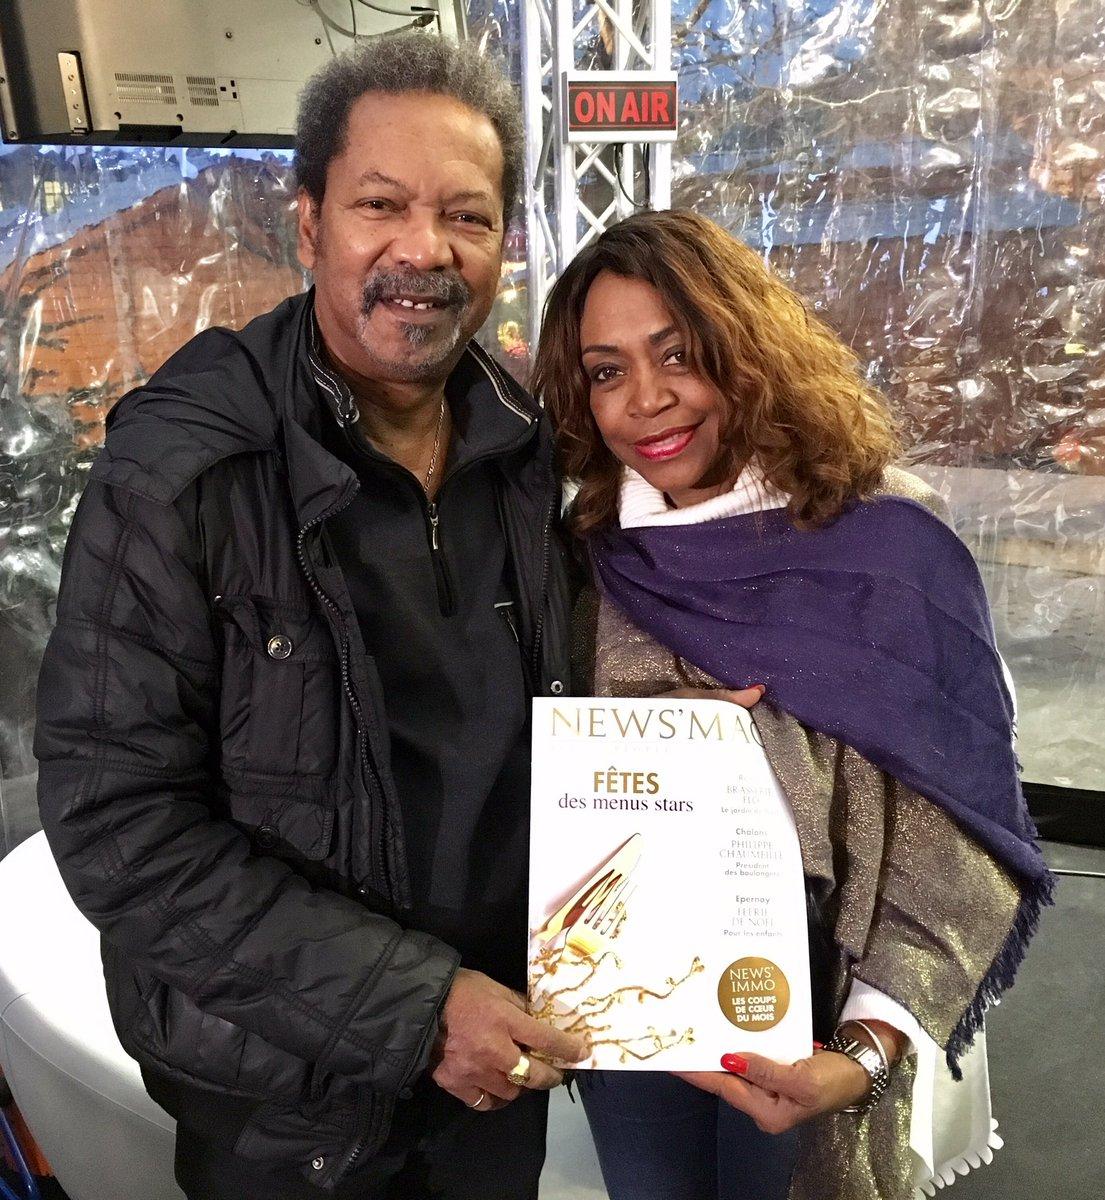 Le @NewsMagMarne , c&#39;est bon pour le #moral !  Clemence et José de la #CompagnieCreole adorent votre #magazine préféré  #Reims #Champagne<br>http://pic.twitter.com/nWlDH0zI5d